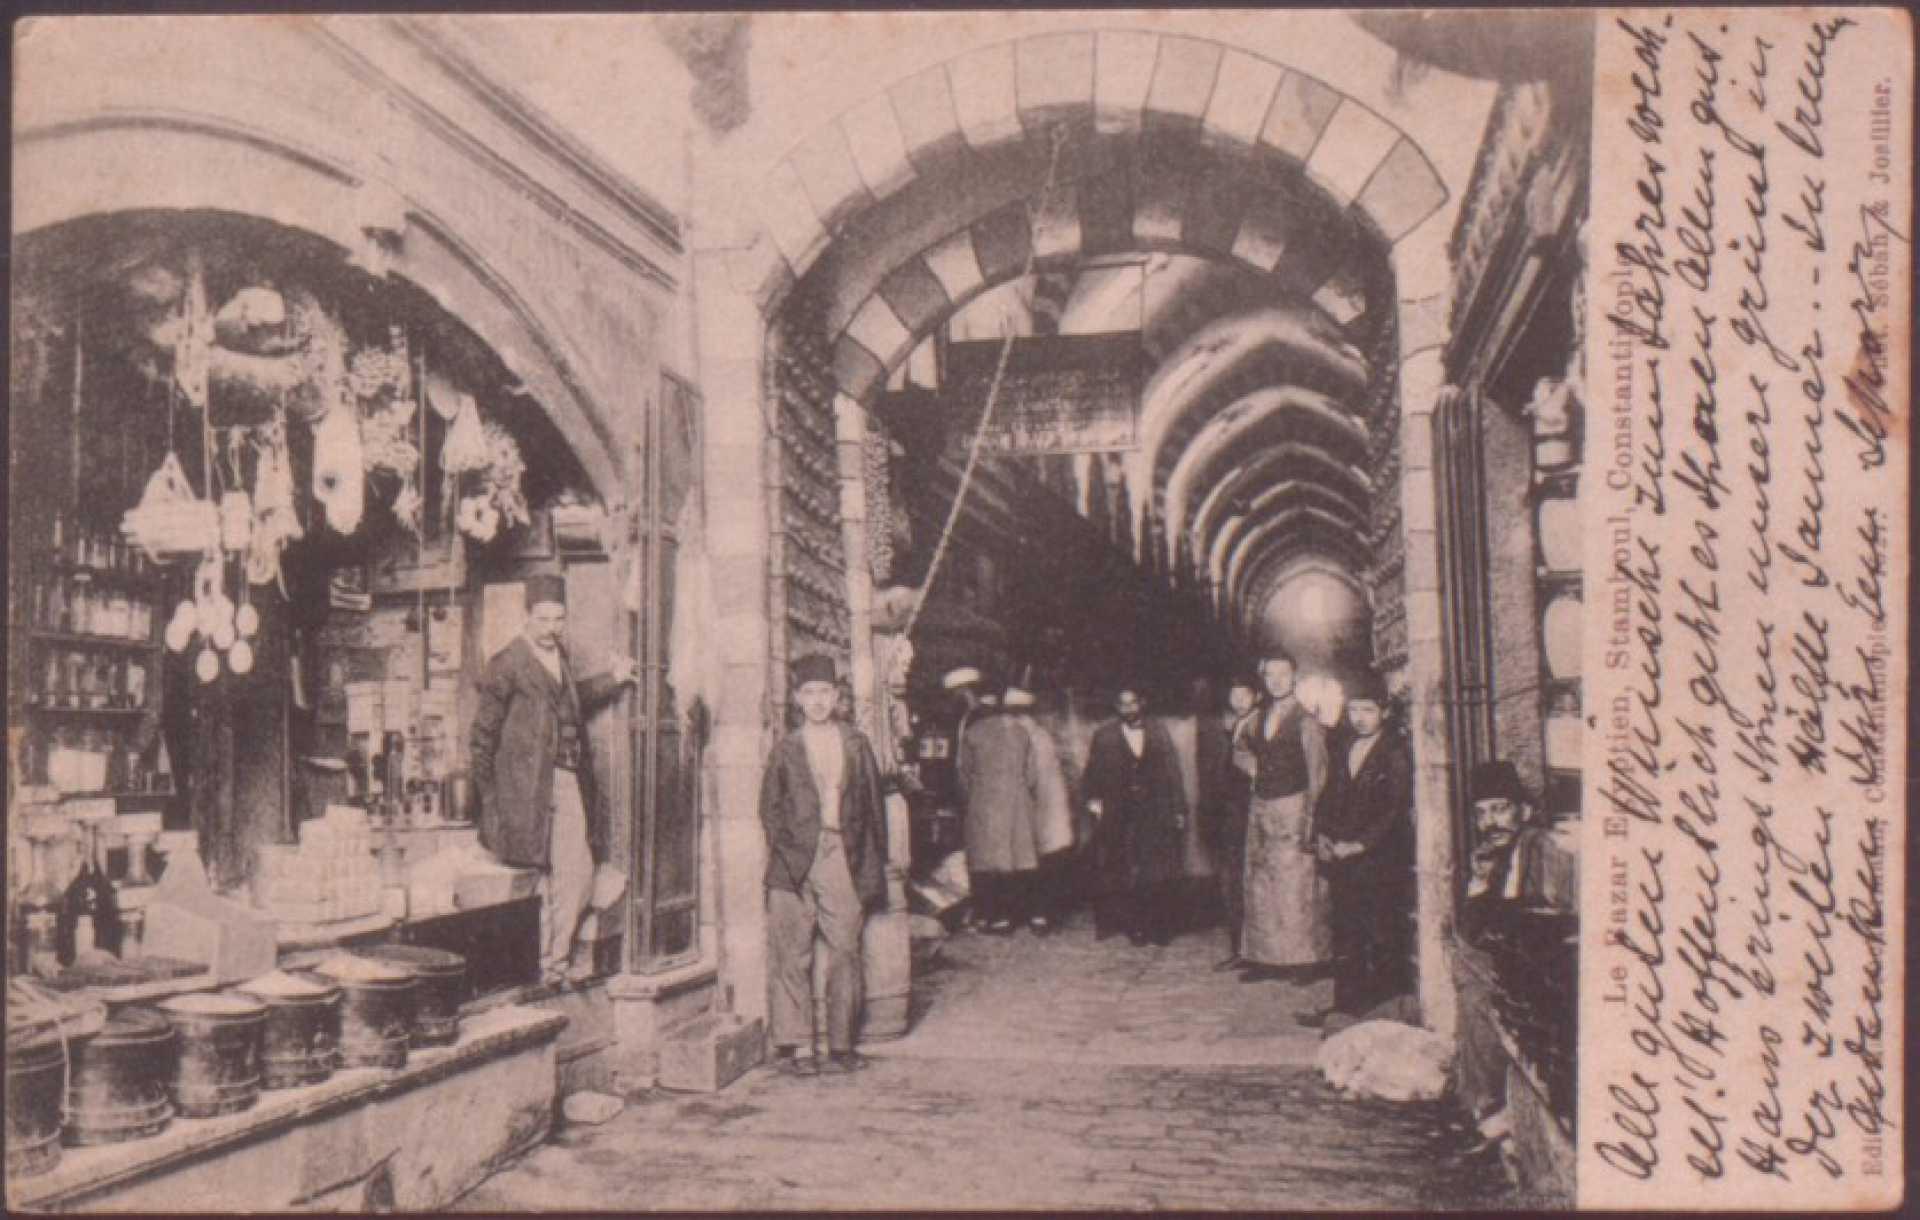 Le Bazar Egyptien. Stamboul. Constantinople